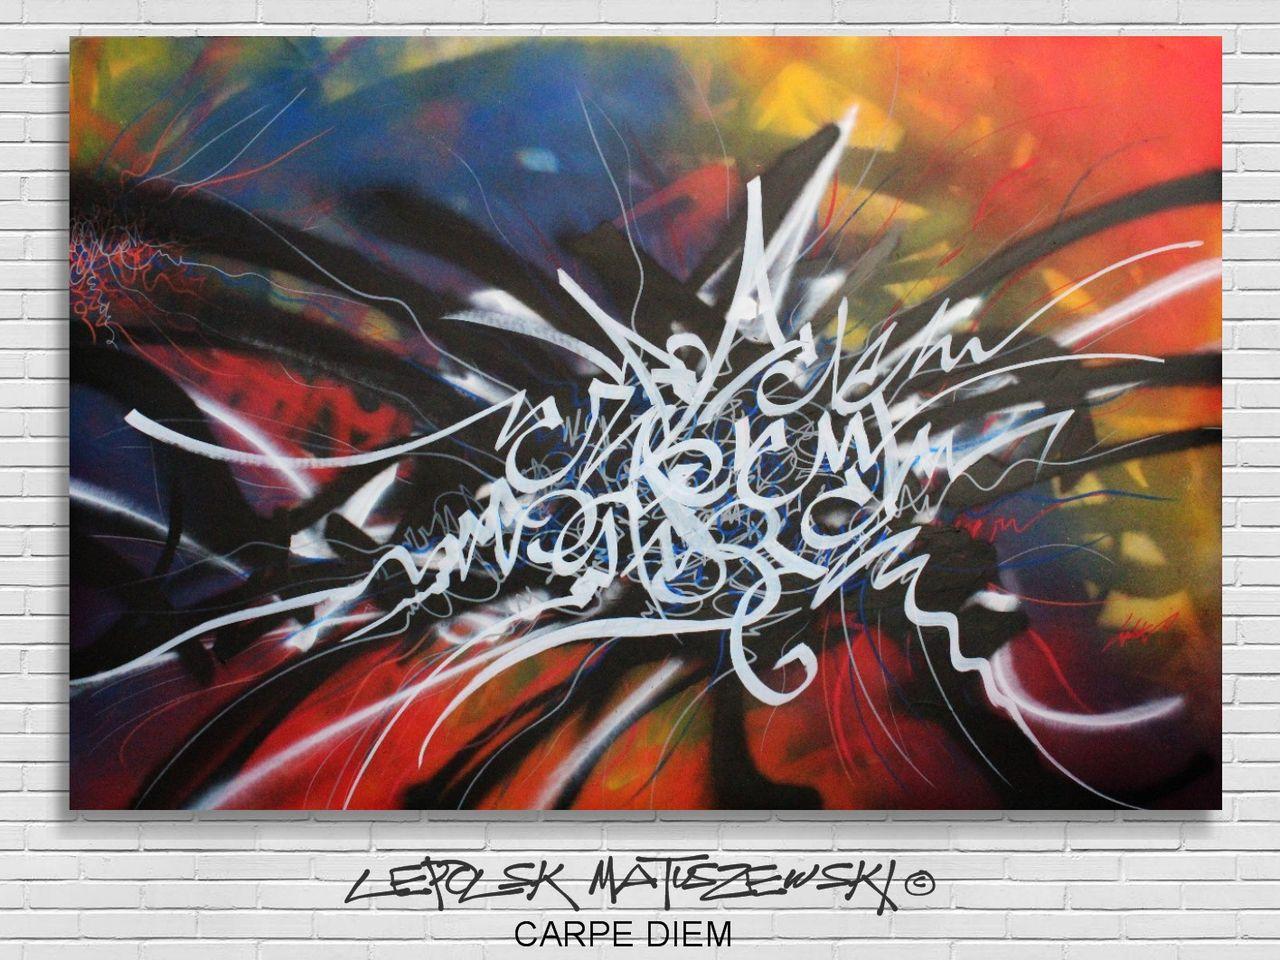 MISTER K  - Lepolsk Matuszewski CARPE DIEM  abstract calligraffiti - Calligraffiti  abstraite  © Lepolsk 2015